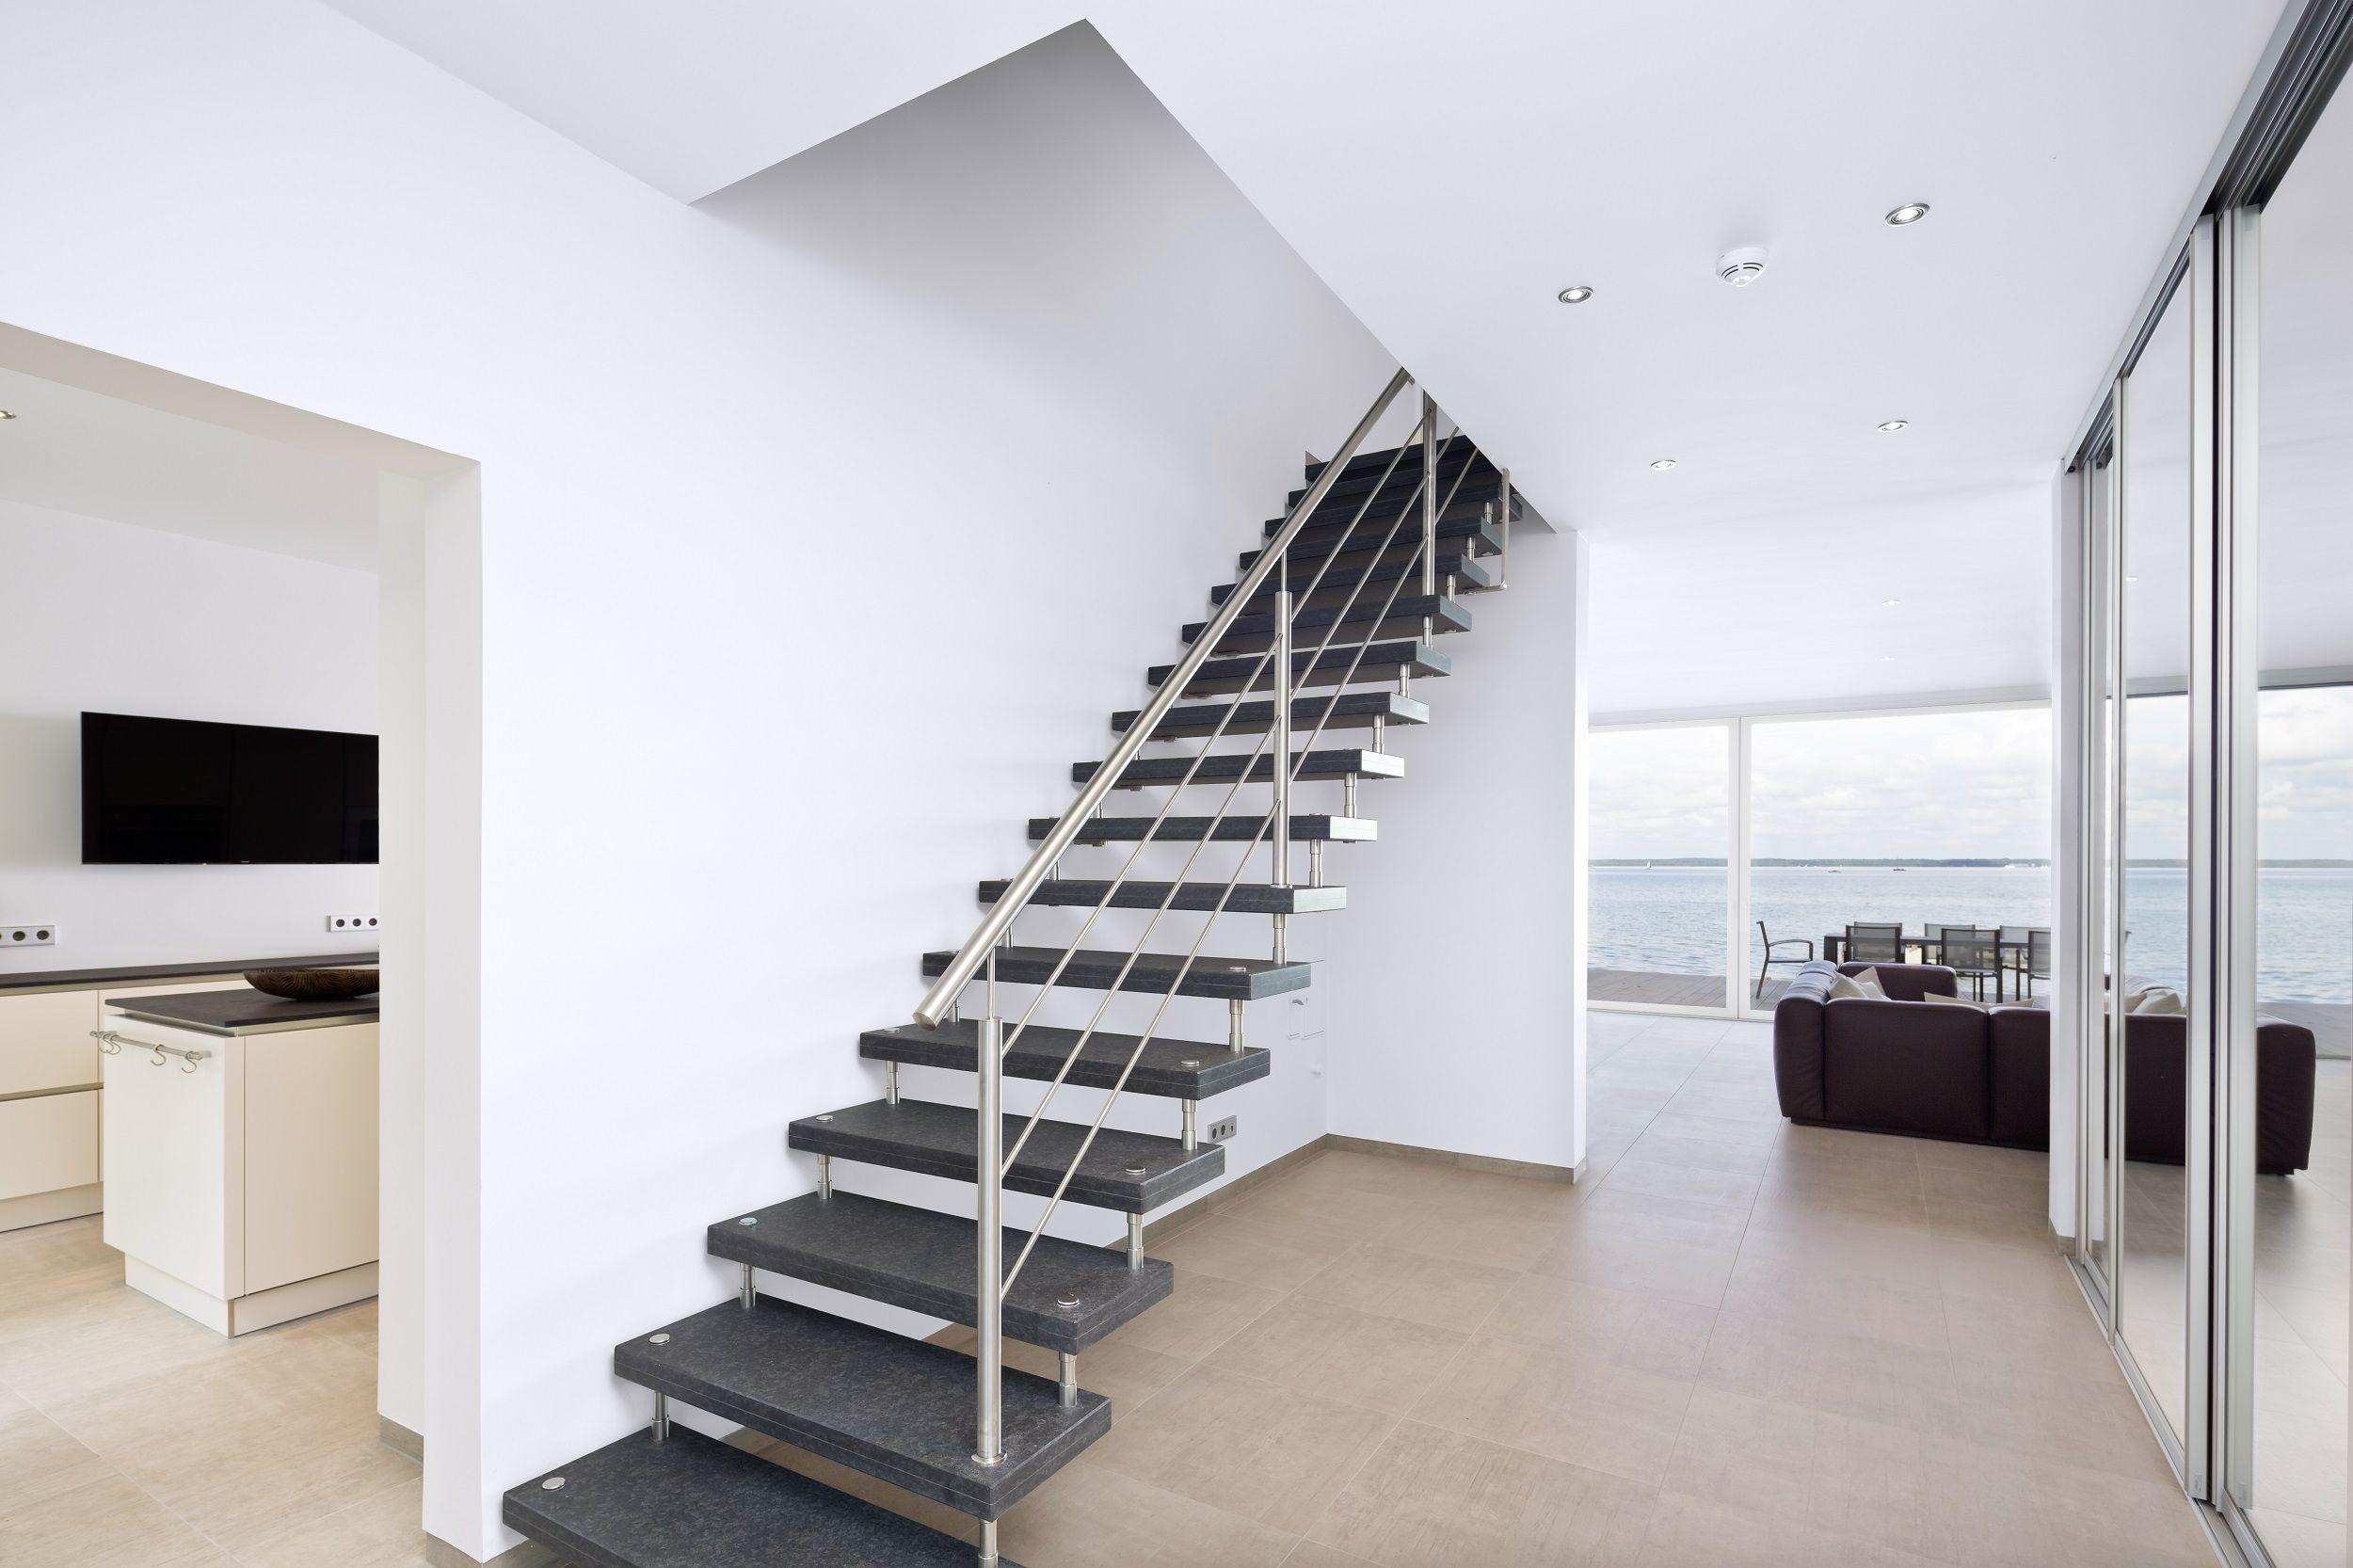 Raumprägend Sind In Der Diele Die Granit-Treppe Und Der Große